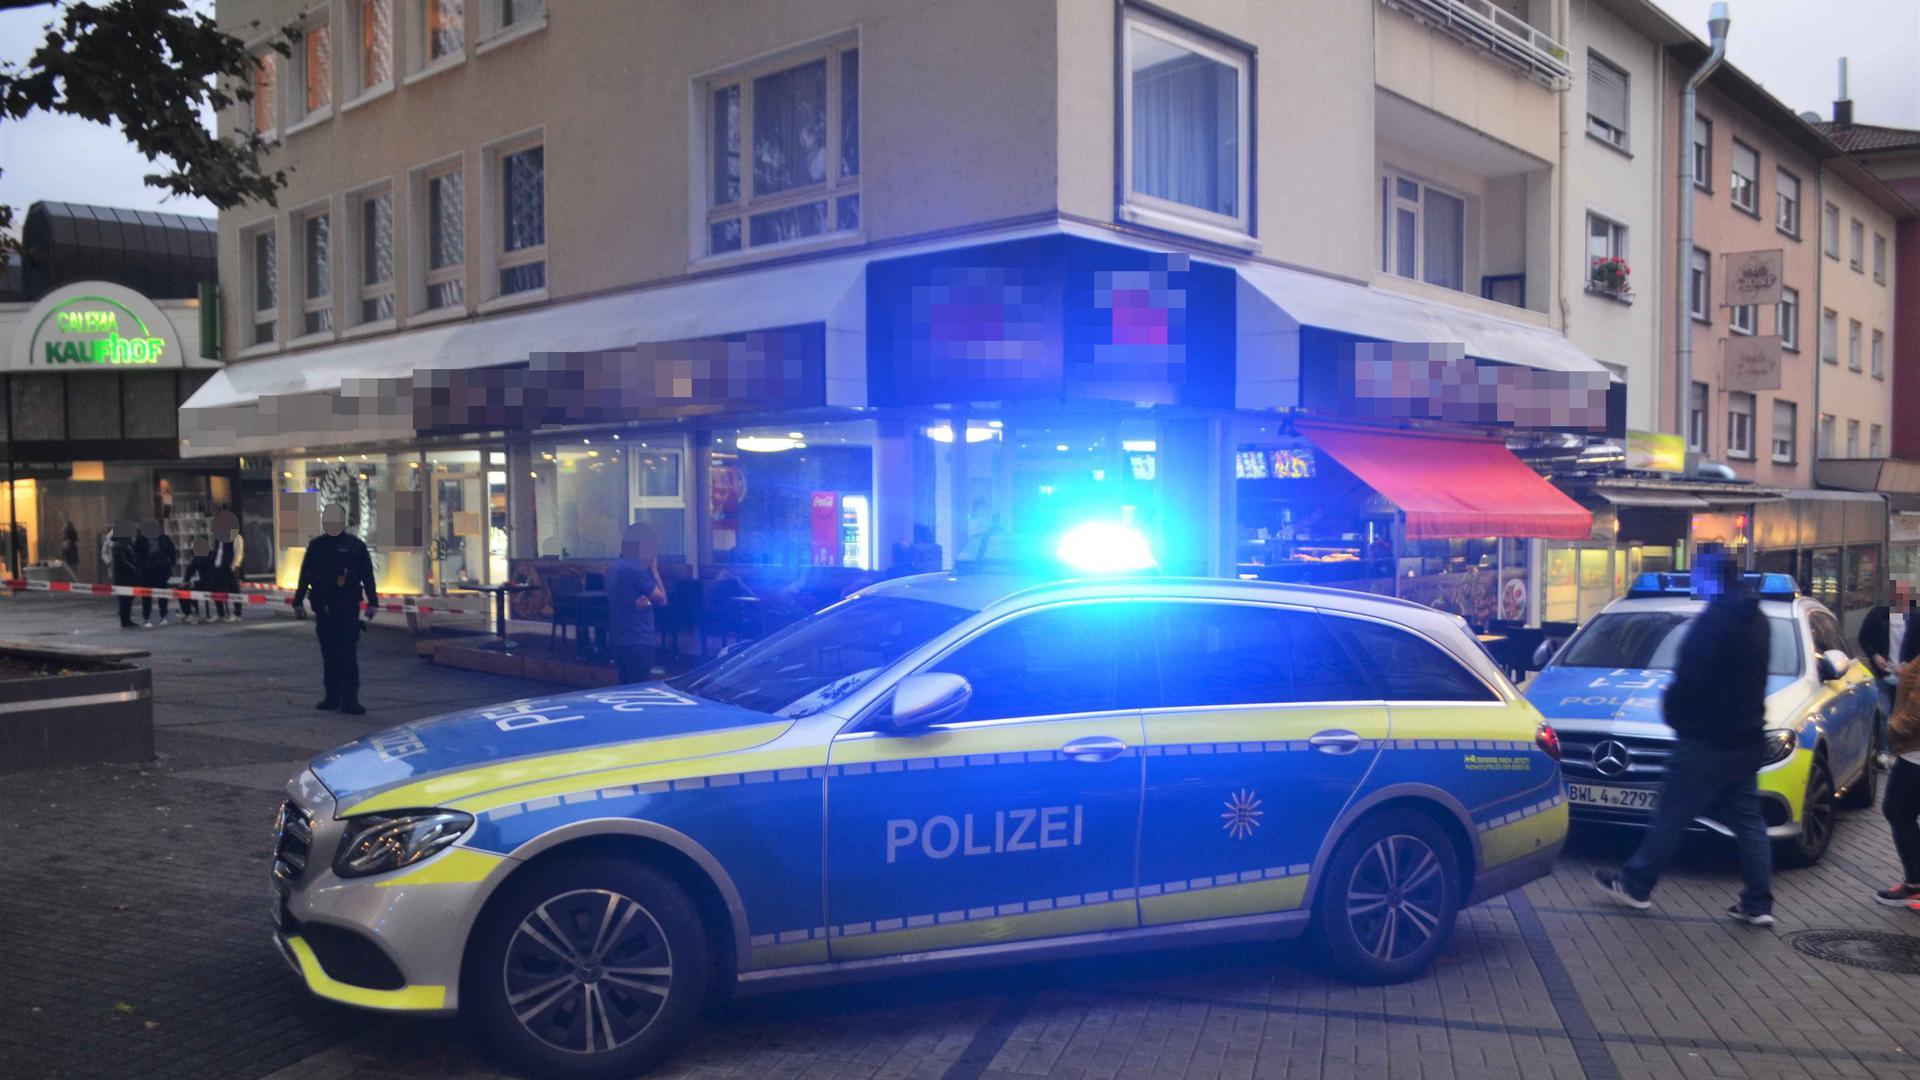 Die Polizei musste den Bereich absperren.